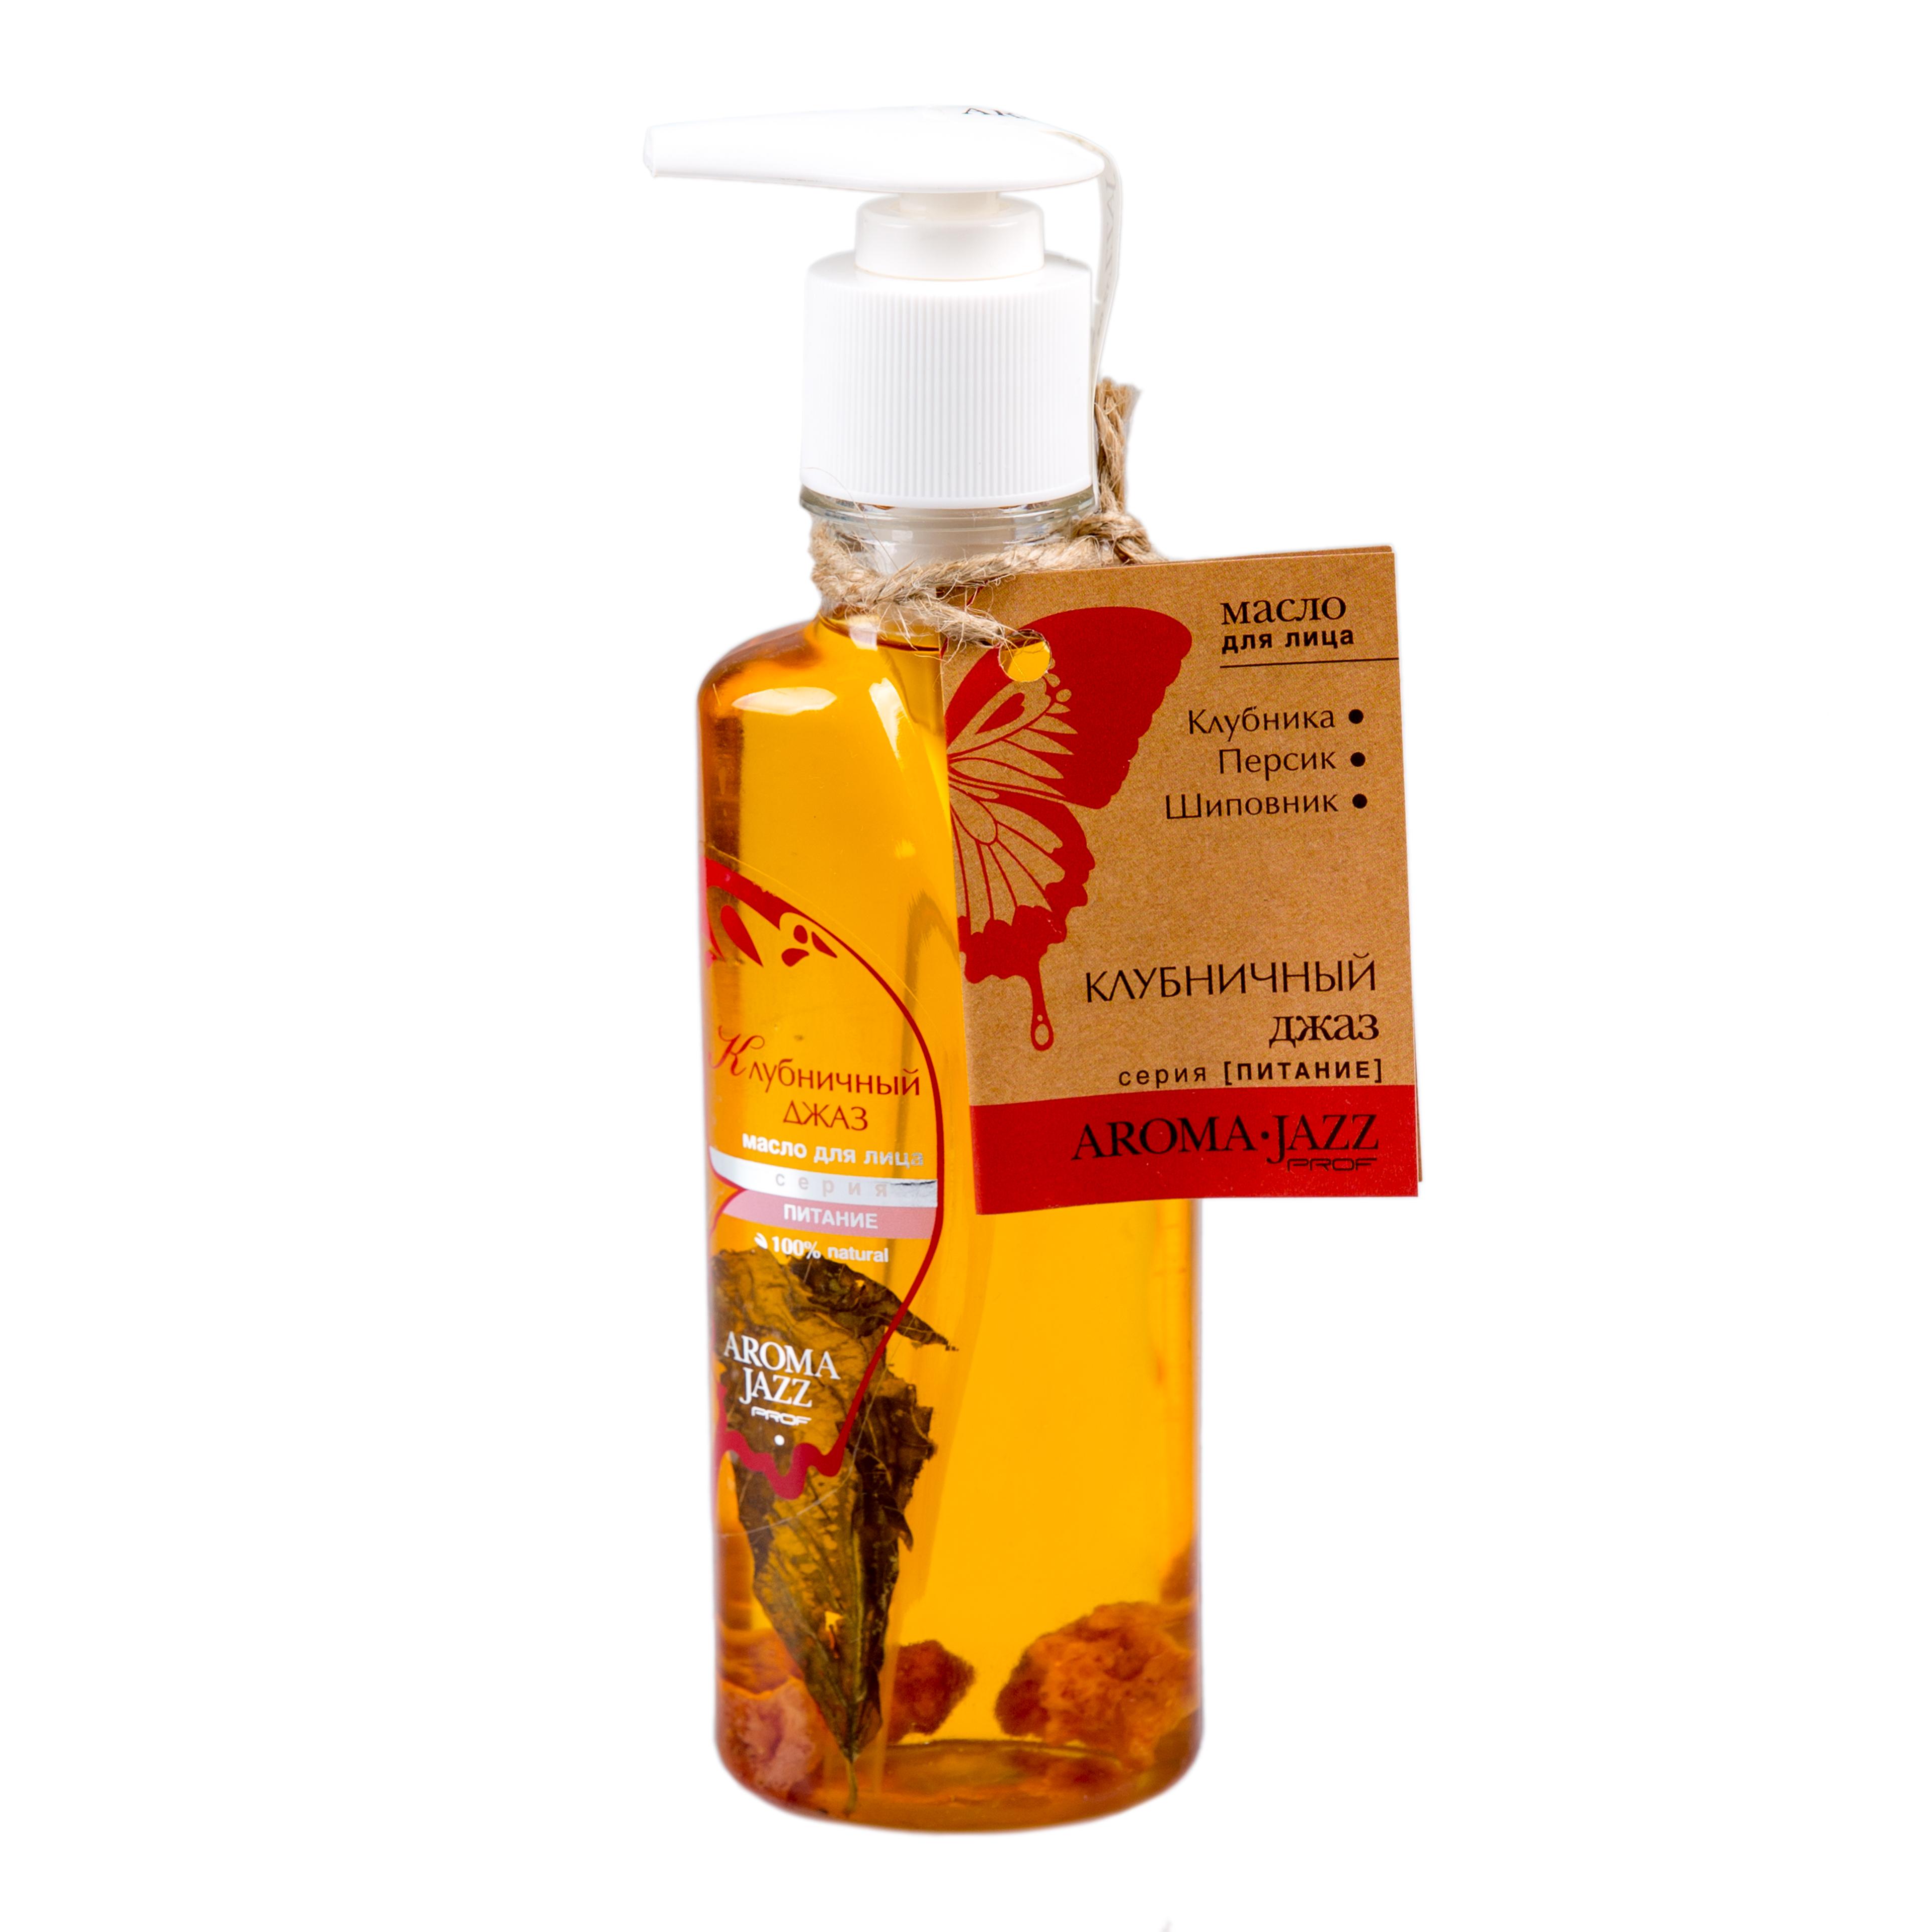 AROMA JAZZ Масло массажное жидкое для лица Клубничный джаз 200млМасла<br>Жидкое масло для лица с питающим действием и отбеливающим эффектом. Питает, смягчает, увлажняет и разглаживает кожу. Масло является сильным антиоксидантом, препятствует преждевременному старению и увяданию кожи. Применяется для восстановления сухой, шелушащейся, раздраженной кожи. Регулярное применение уменьшит сосудистый рисунок на лице, снимет отеки, успокоит кожу.  Клубничный джаз  может использоваться в комплексной терапии кожных заболеваний. Он способствует разжижению крови, рассасыванию тромбов и сосудистых звездочек, выводит токсины и шлаки, освежает и заряжает энергией, оказывает благотворное антистрессовое воздействие. Активные ингредиенты: масла оливы, шиповника, персика, пальмы, кокоса, растительное с витамином Е; эфирные масла персика, ванили, мяты; экстракты клубники, шиповника; натуральная эссенция клубники.&amp;nbsp; Способ применения: рекомендовано для массажа лица для всех типов кожи и при куперозе, втирания после душа и SPA-процедур в салоне и дома.<br><br>Вид средства для лица: Массажное<br>Класс косметики: Натуральная<br>Назначение: Купероз